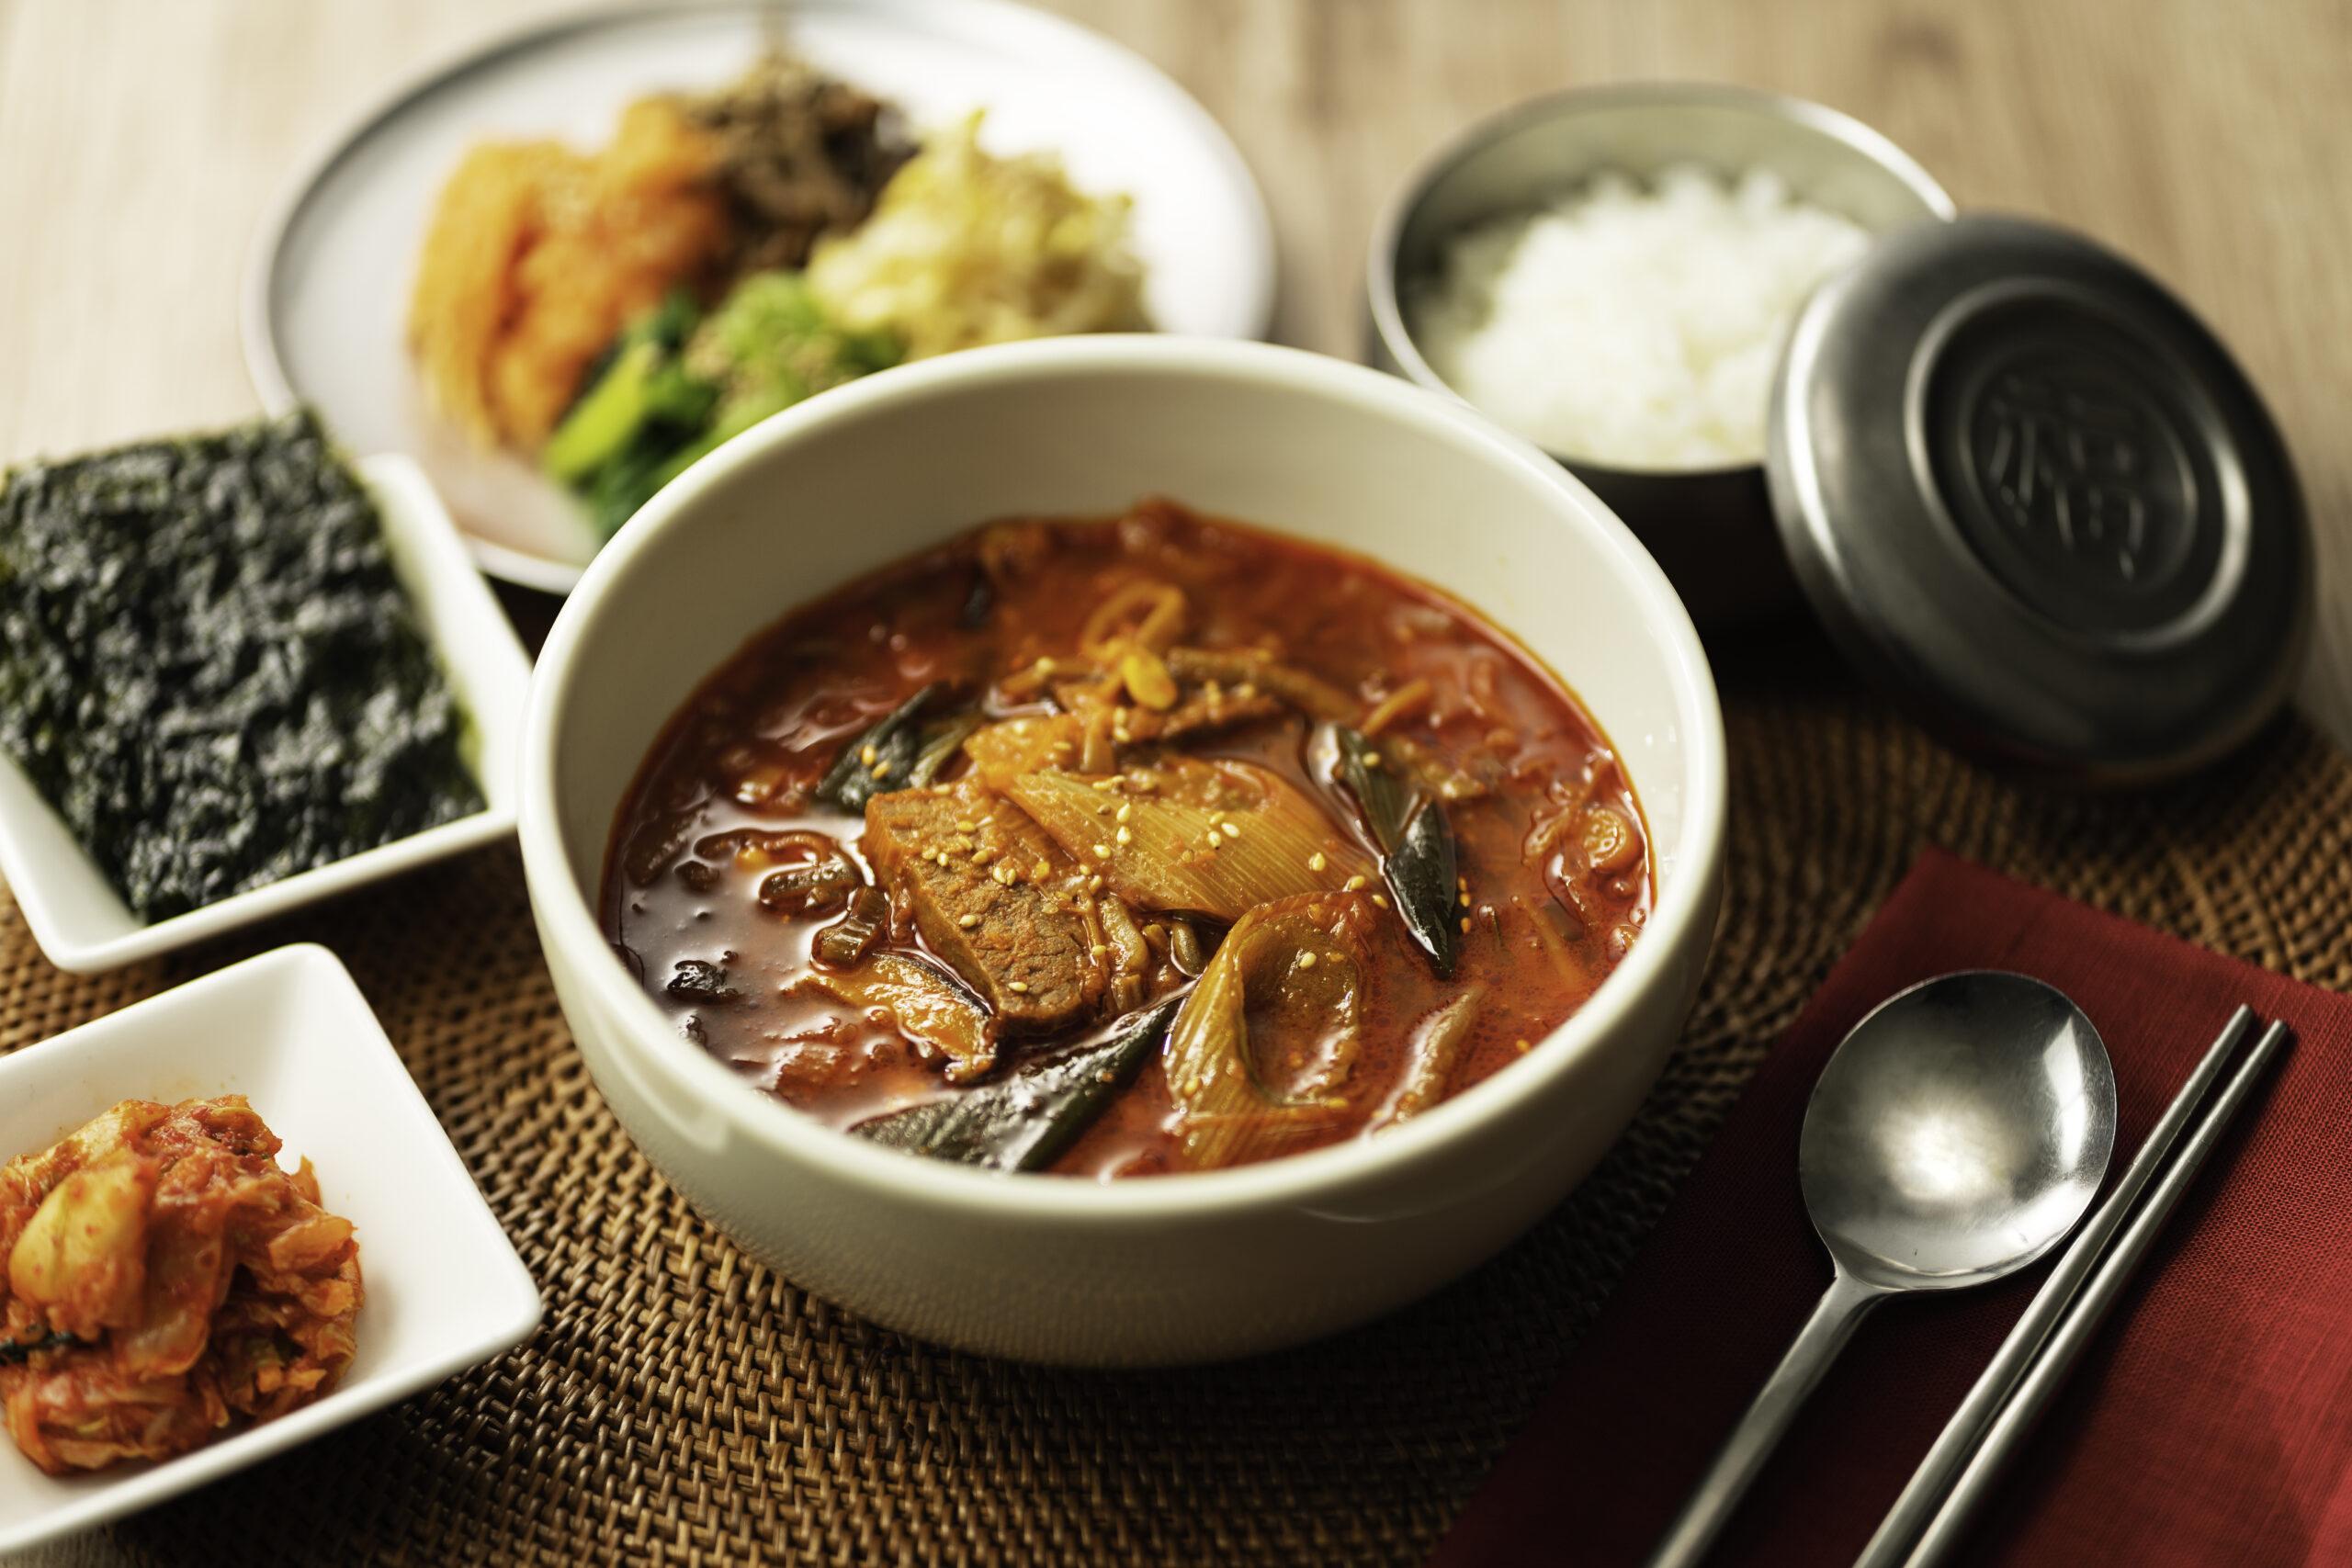 《ロイヤルデリ》 世界各国の味をご家庭で!「冬野菜を食べるスープ」が2月1日より販売開始に